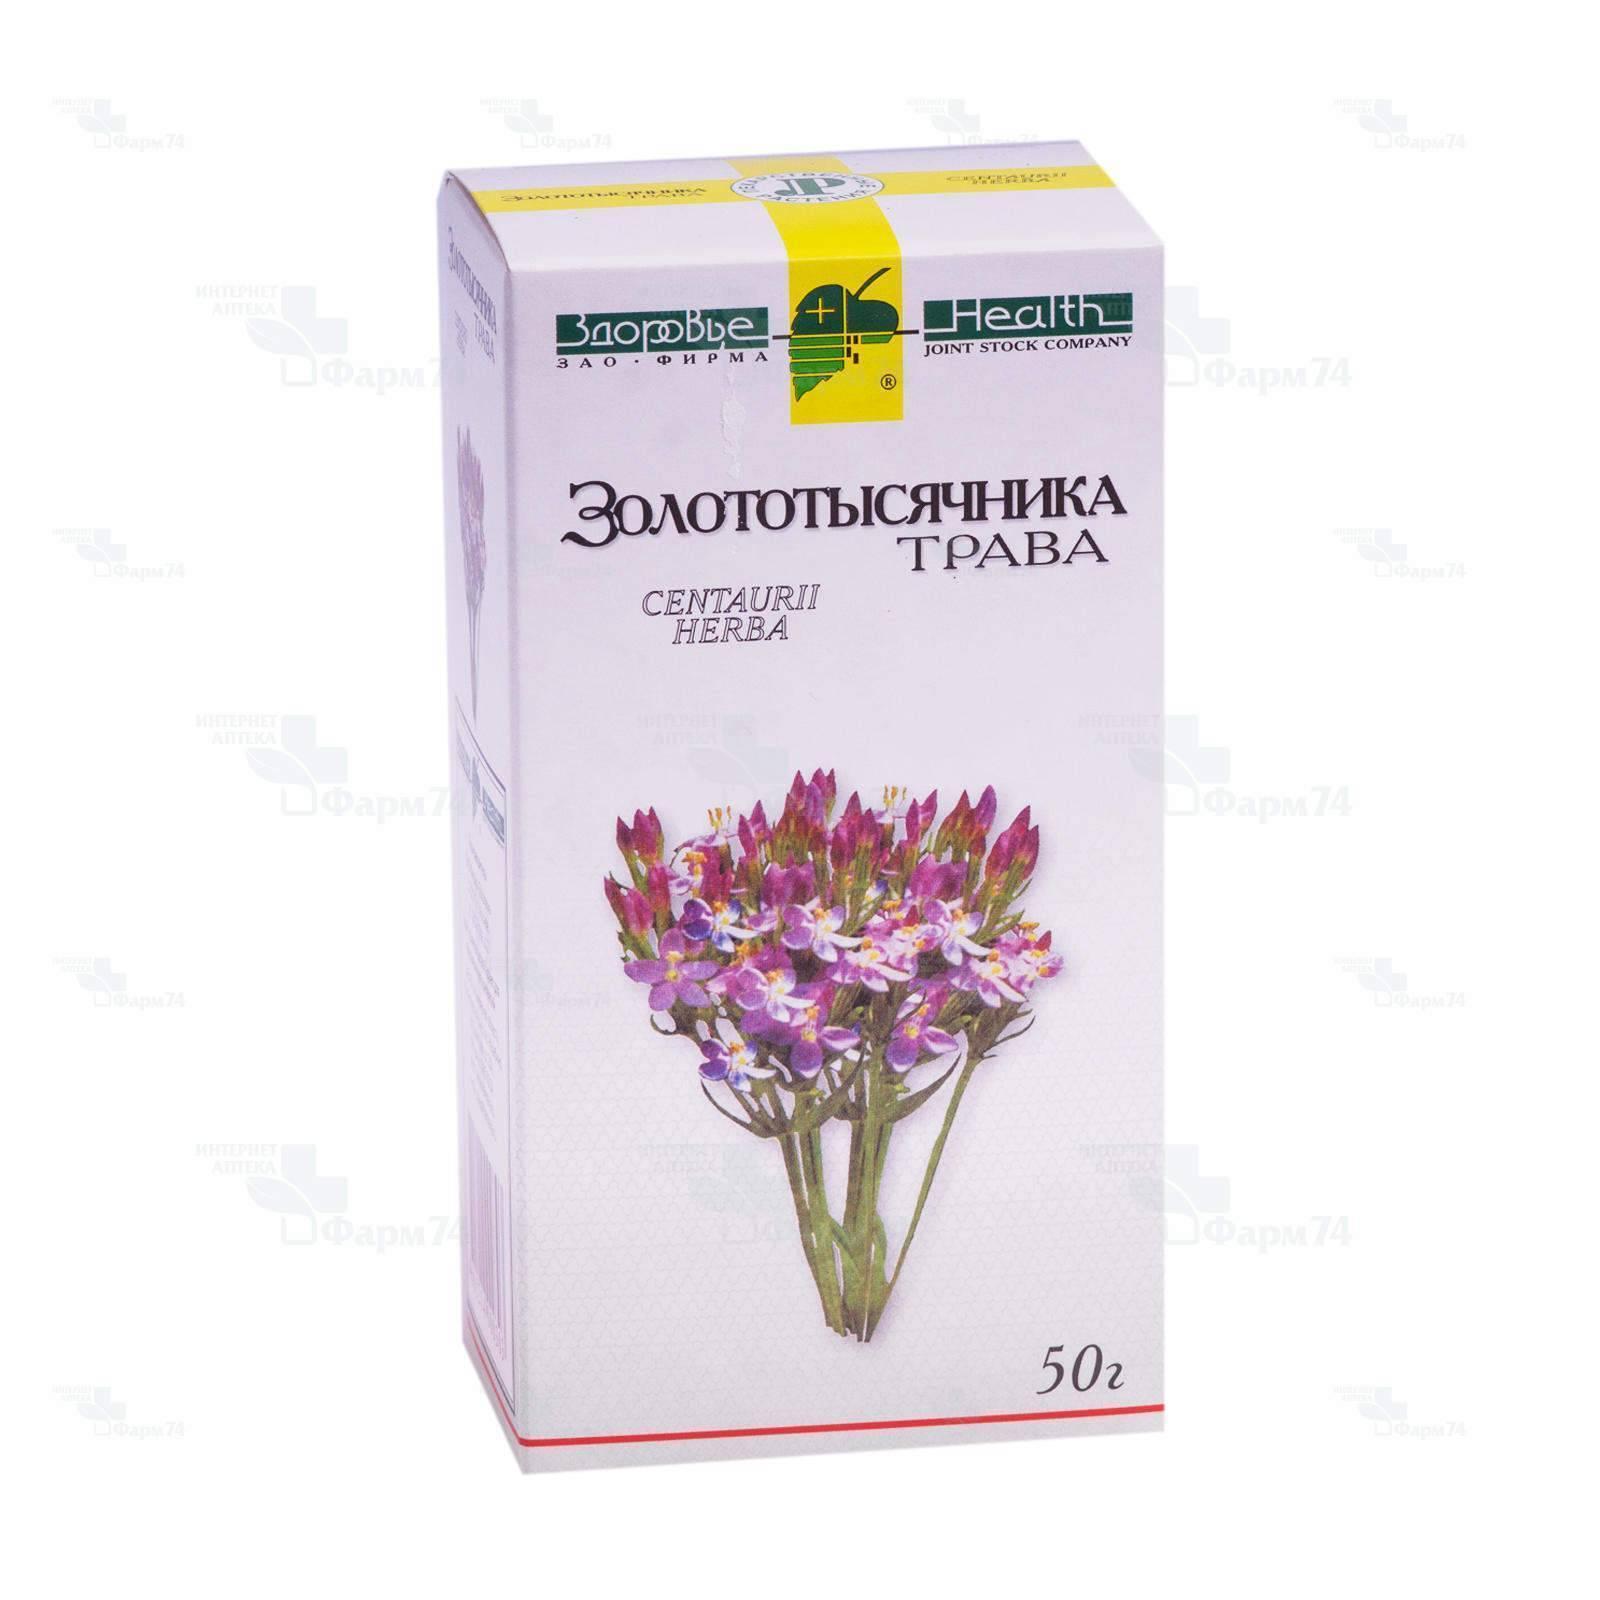 Чудо-растение: золототысячник от алкоголизма с удивительными лечебными свойствами